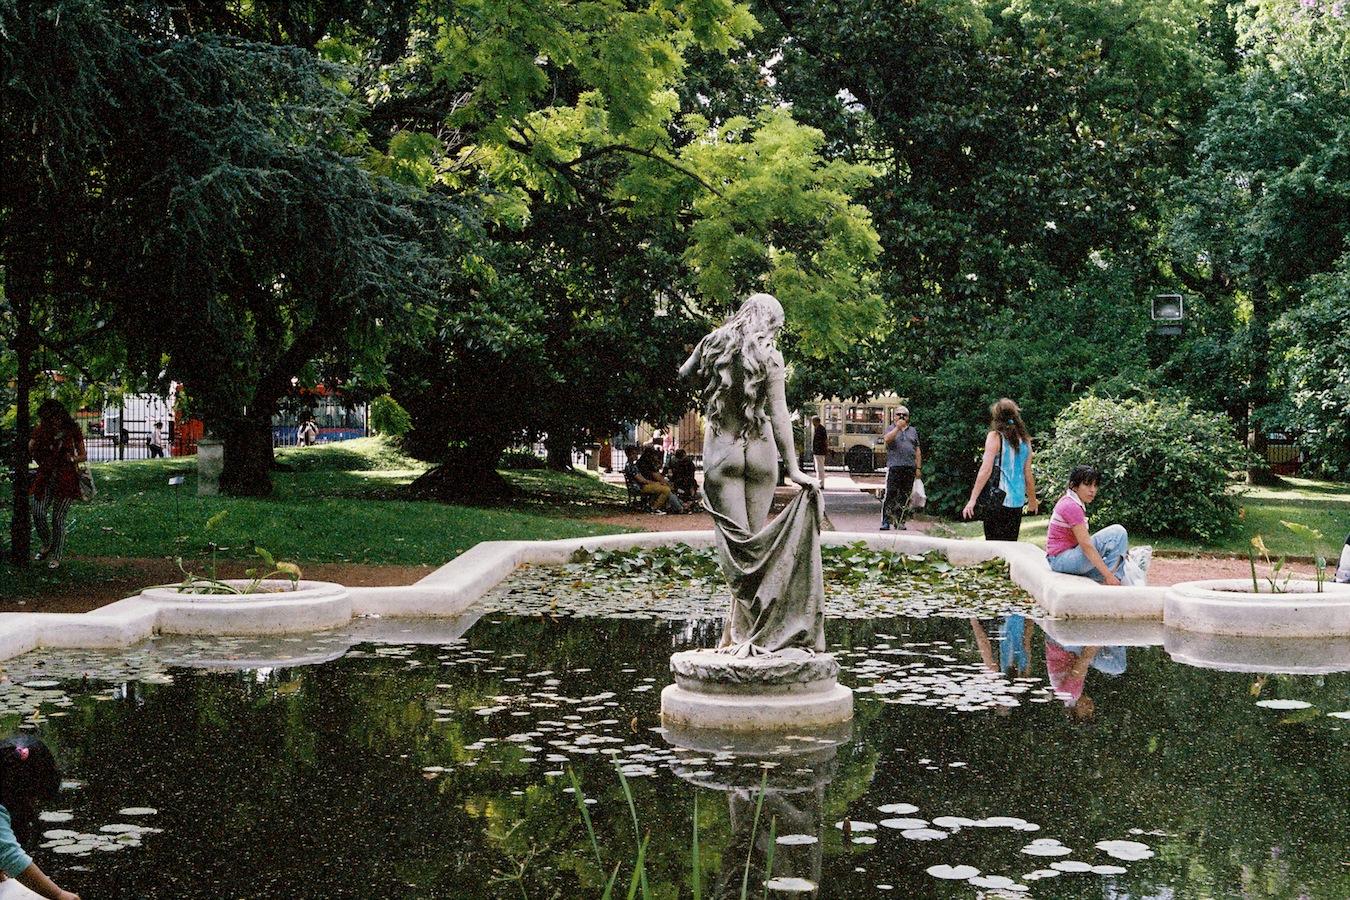 http://lafilladelfotografu.irenavisa.com/files/gimgs/88_f1020026-1.jpg